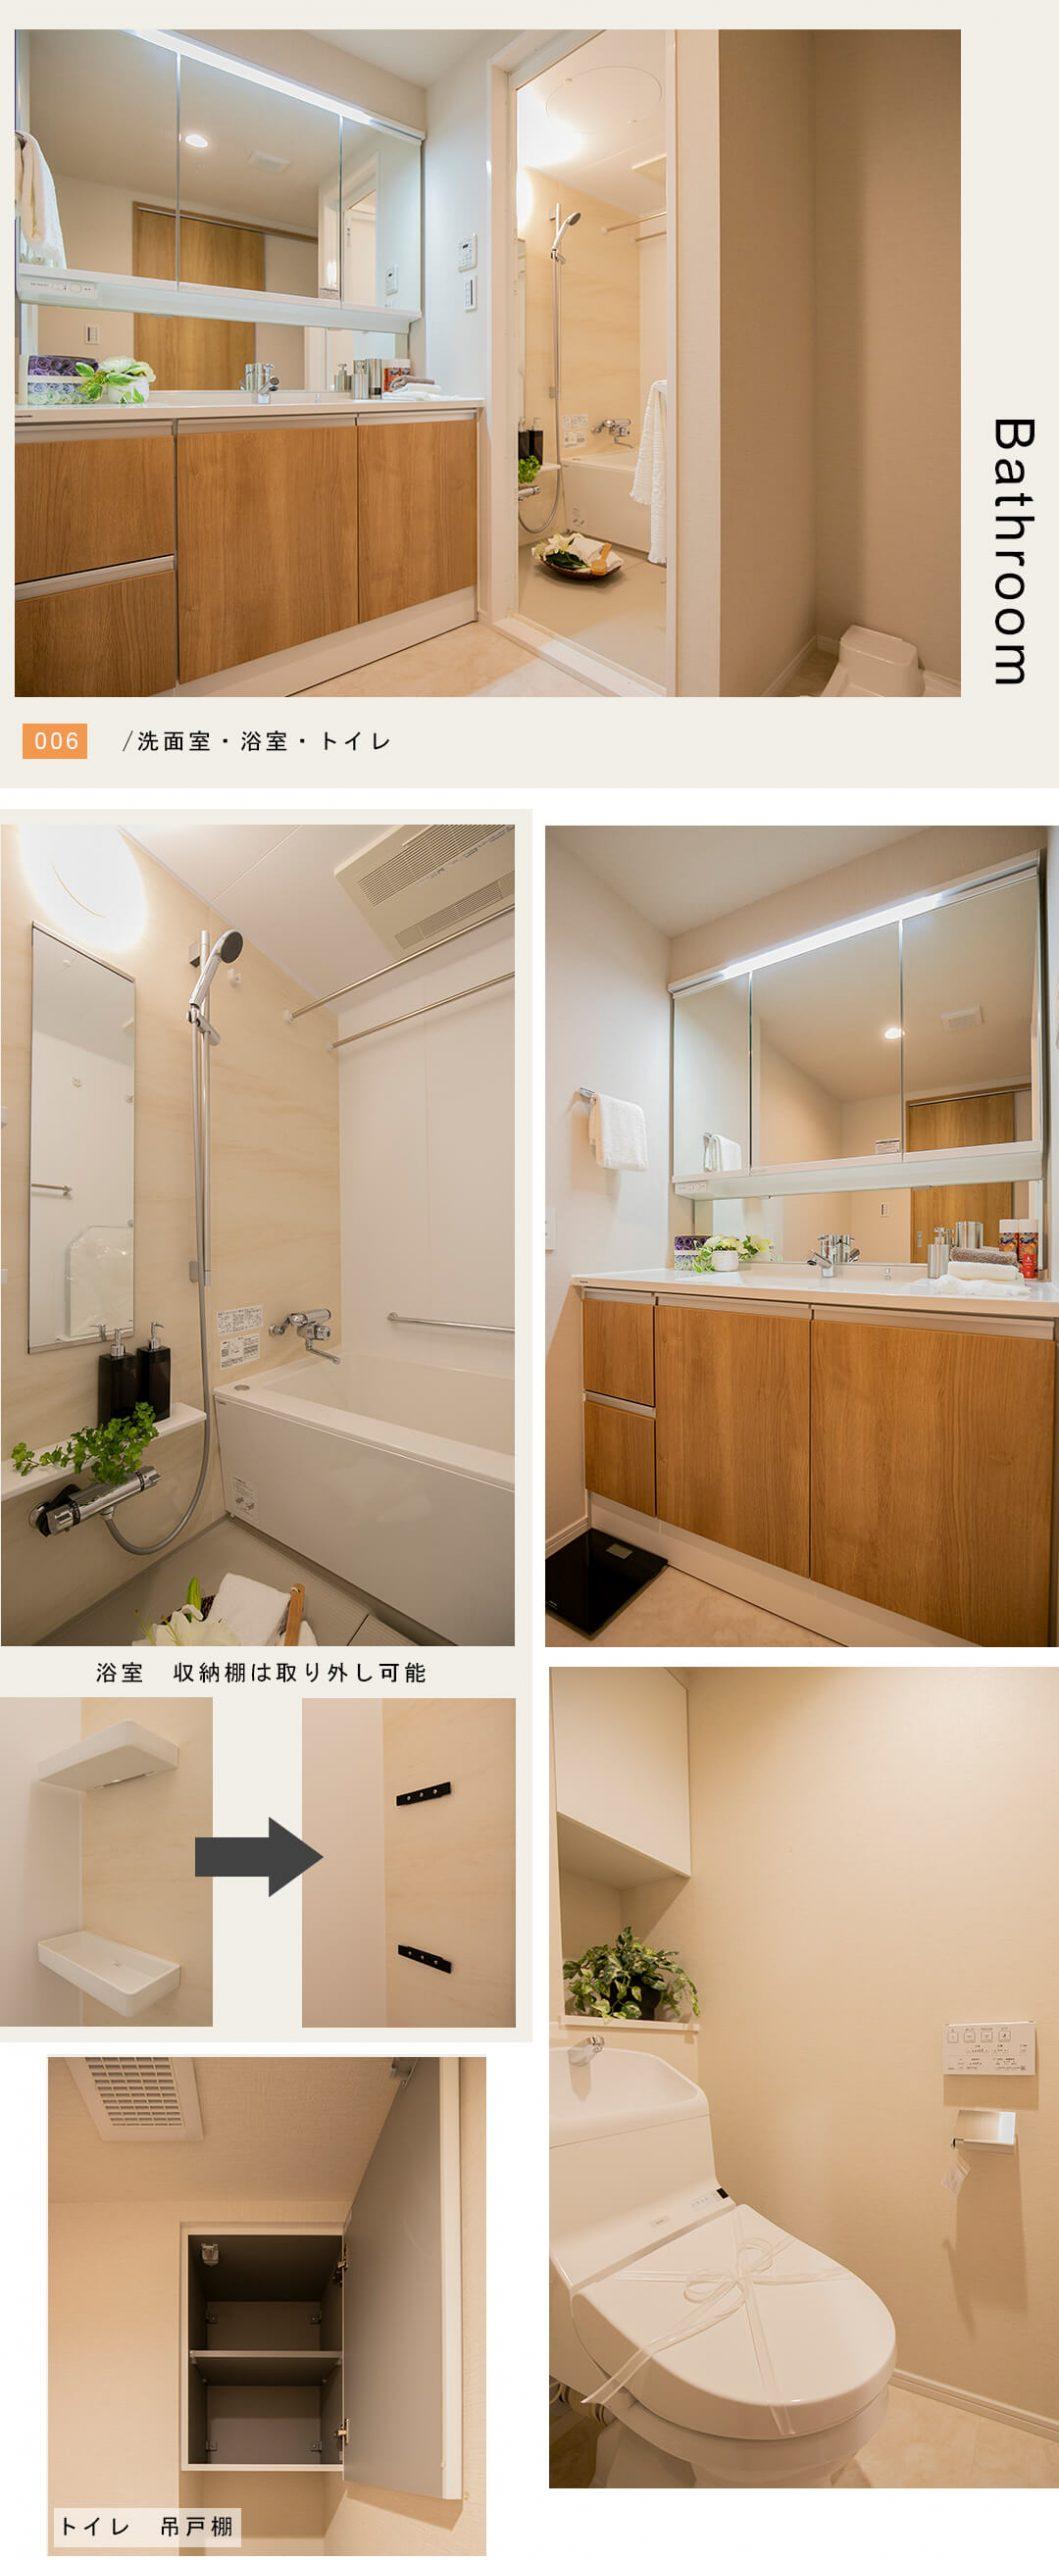 東急ドエルアルス多摩川の洗面室と浴室とトイレ